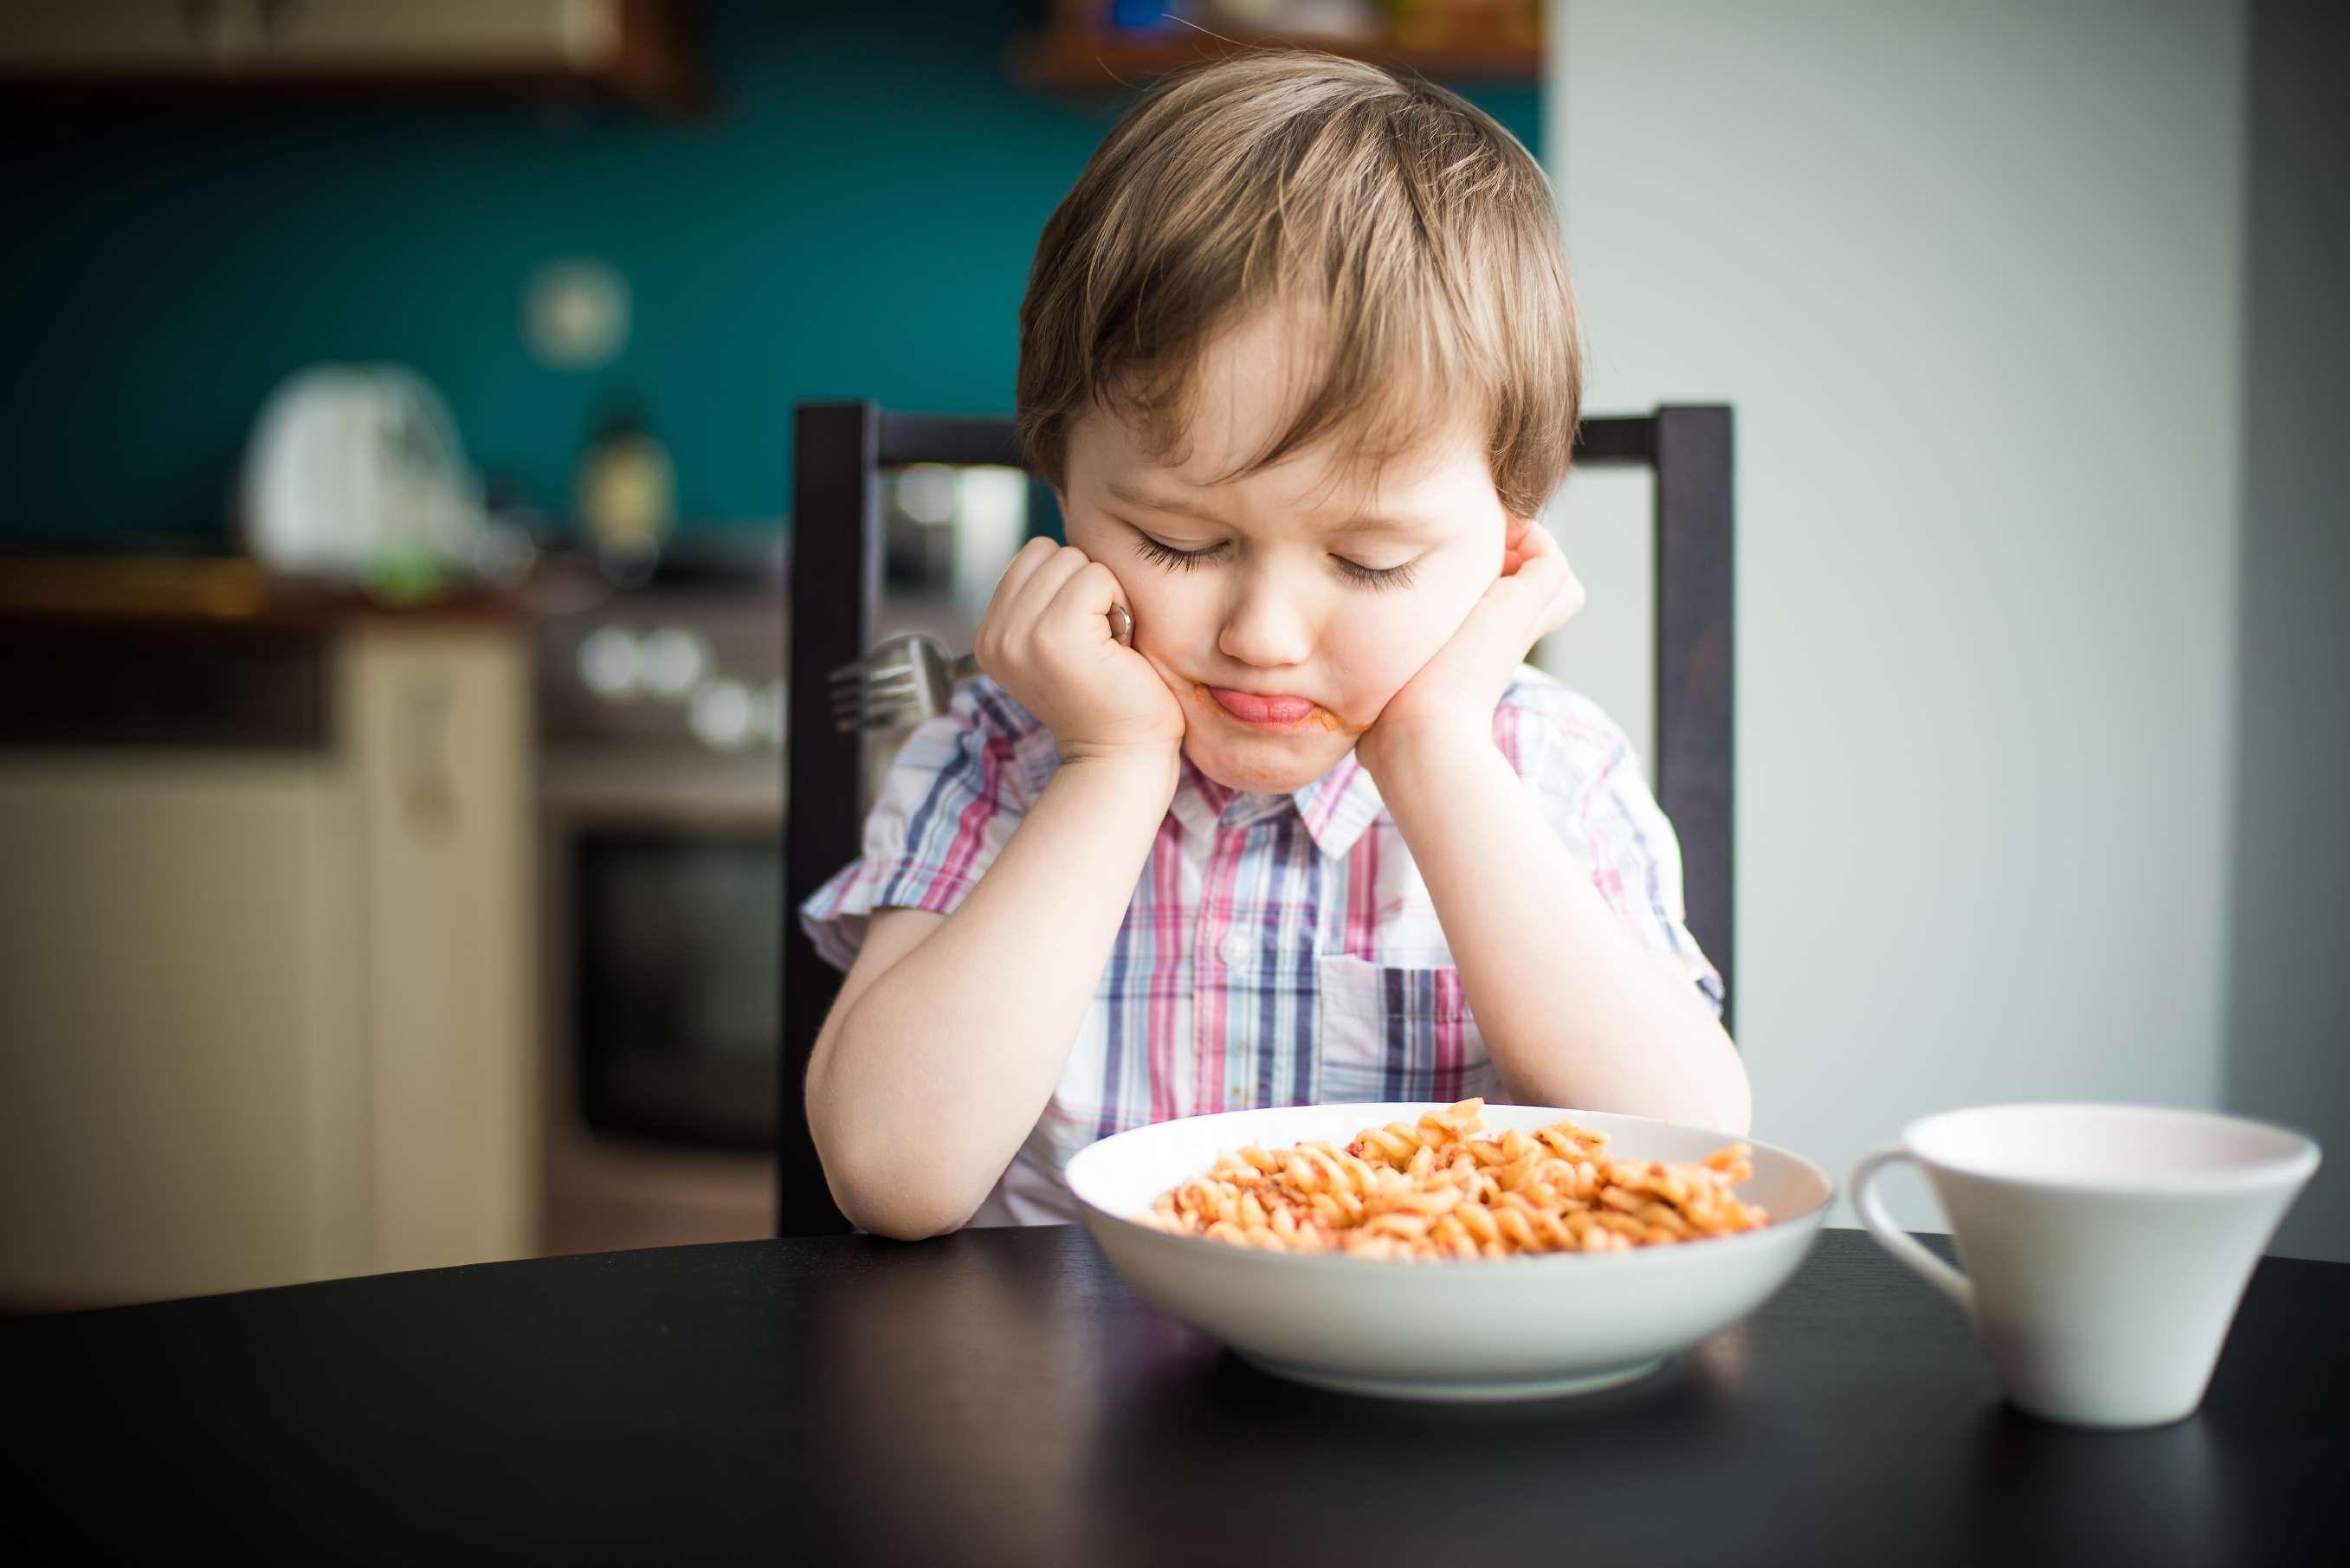 دراسة: استخدام وسائل التواصل الاجتماعي مرتبط باضطراب الأكل عند الأطفال